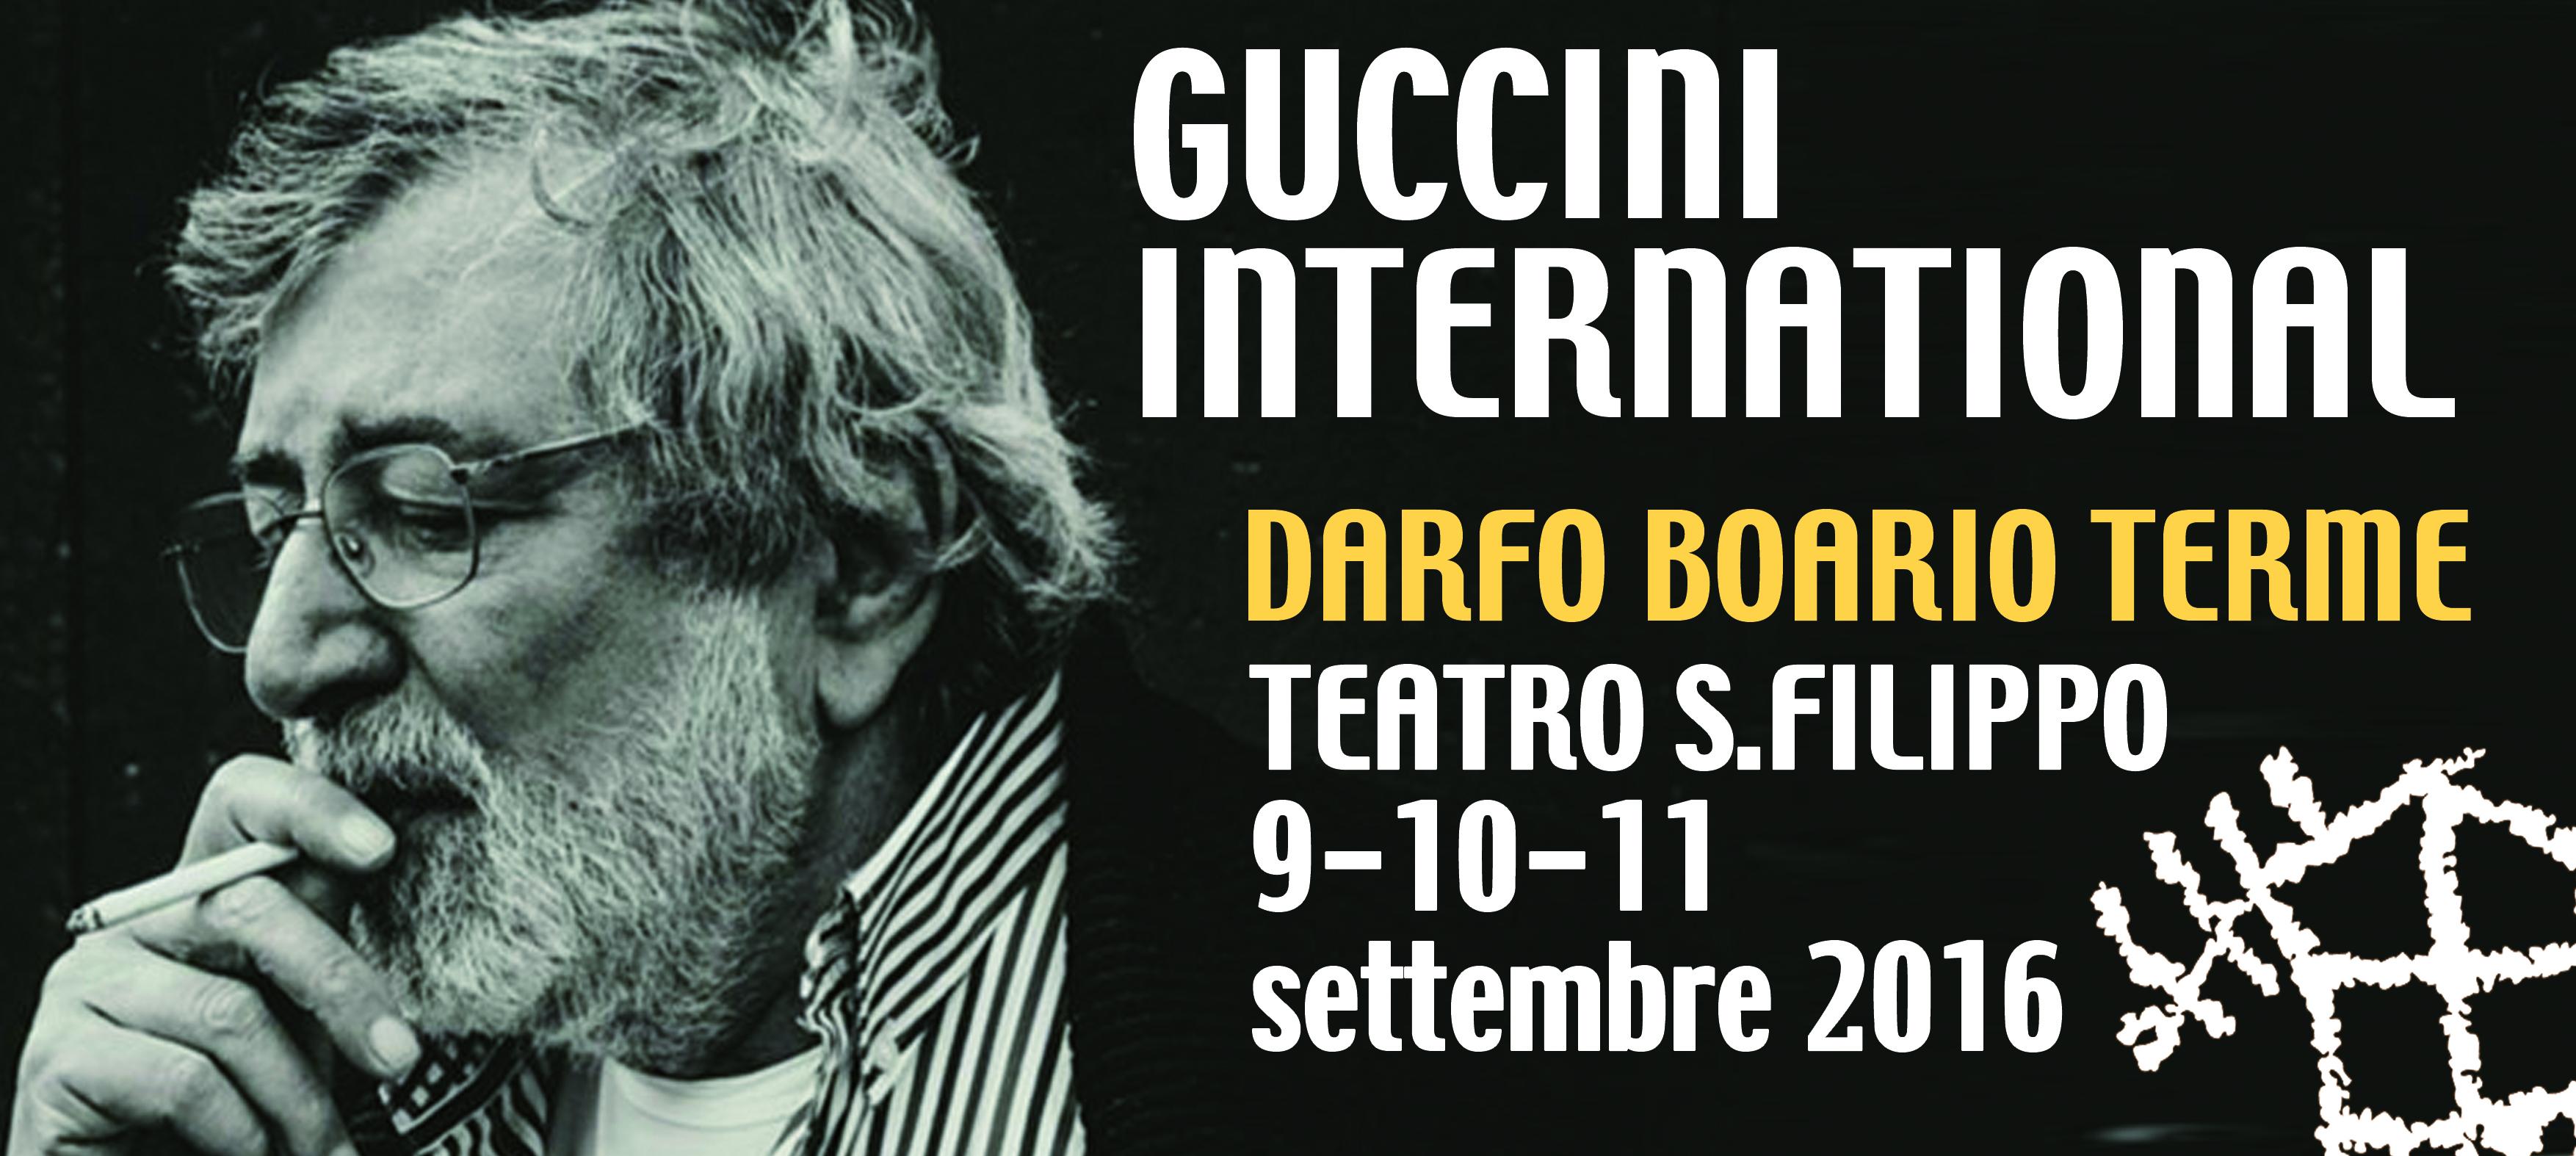 Guccini International  9-10-11 settembre Darfo Boario Terme